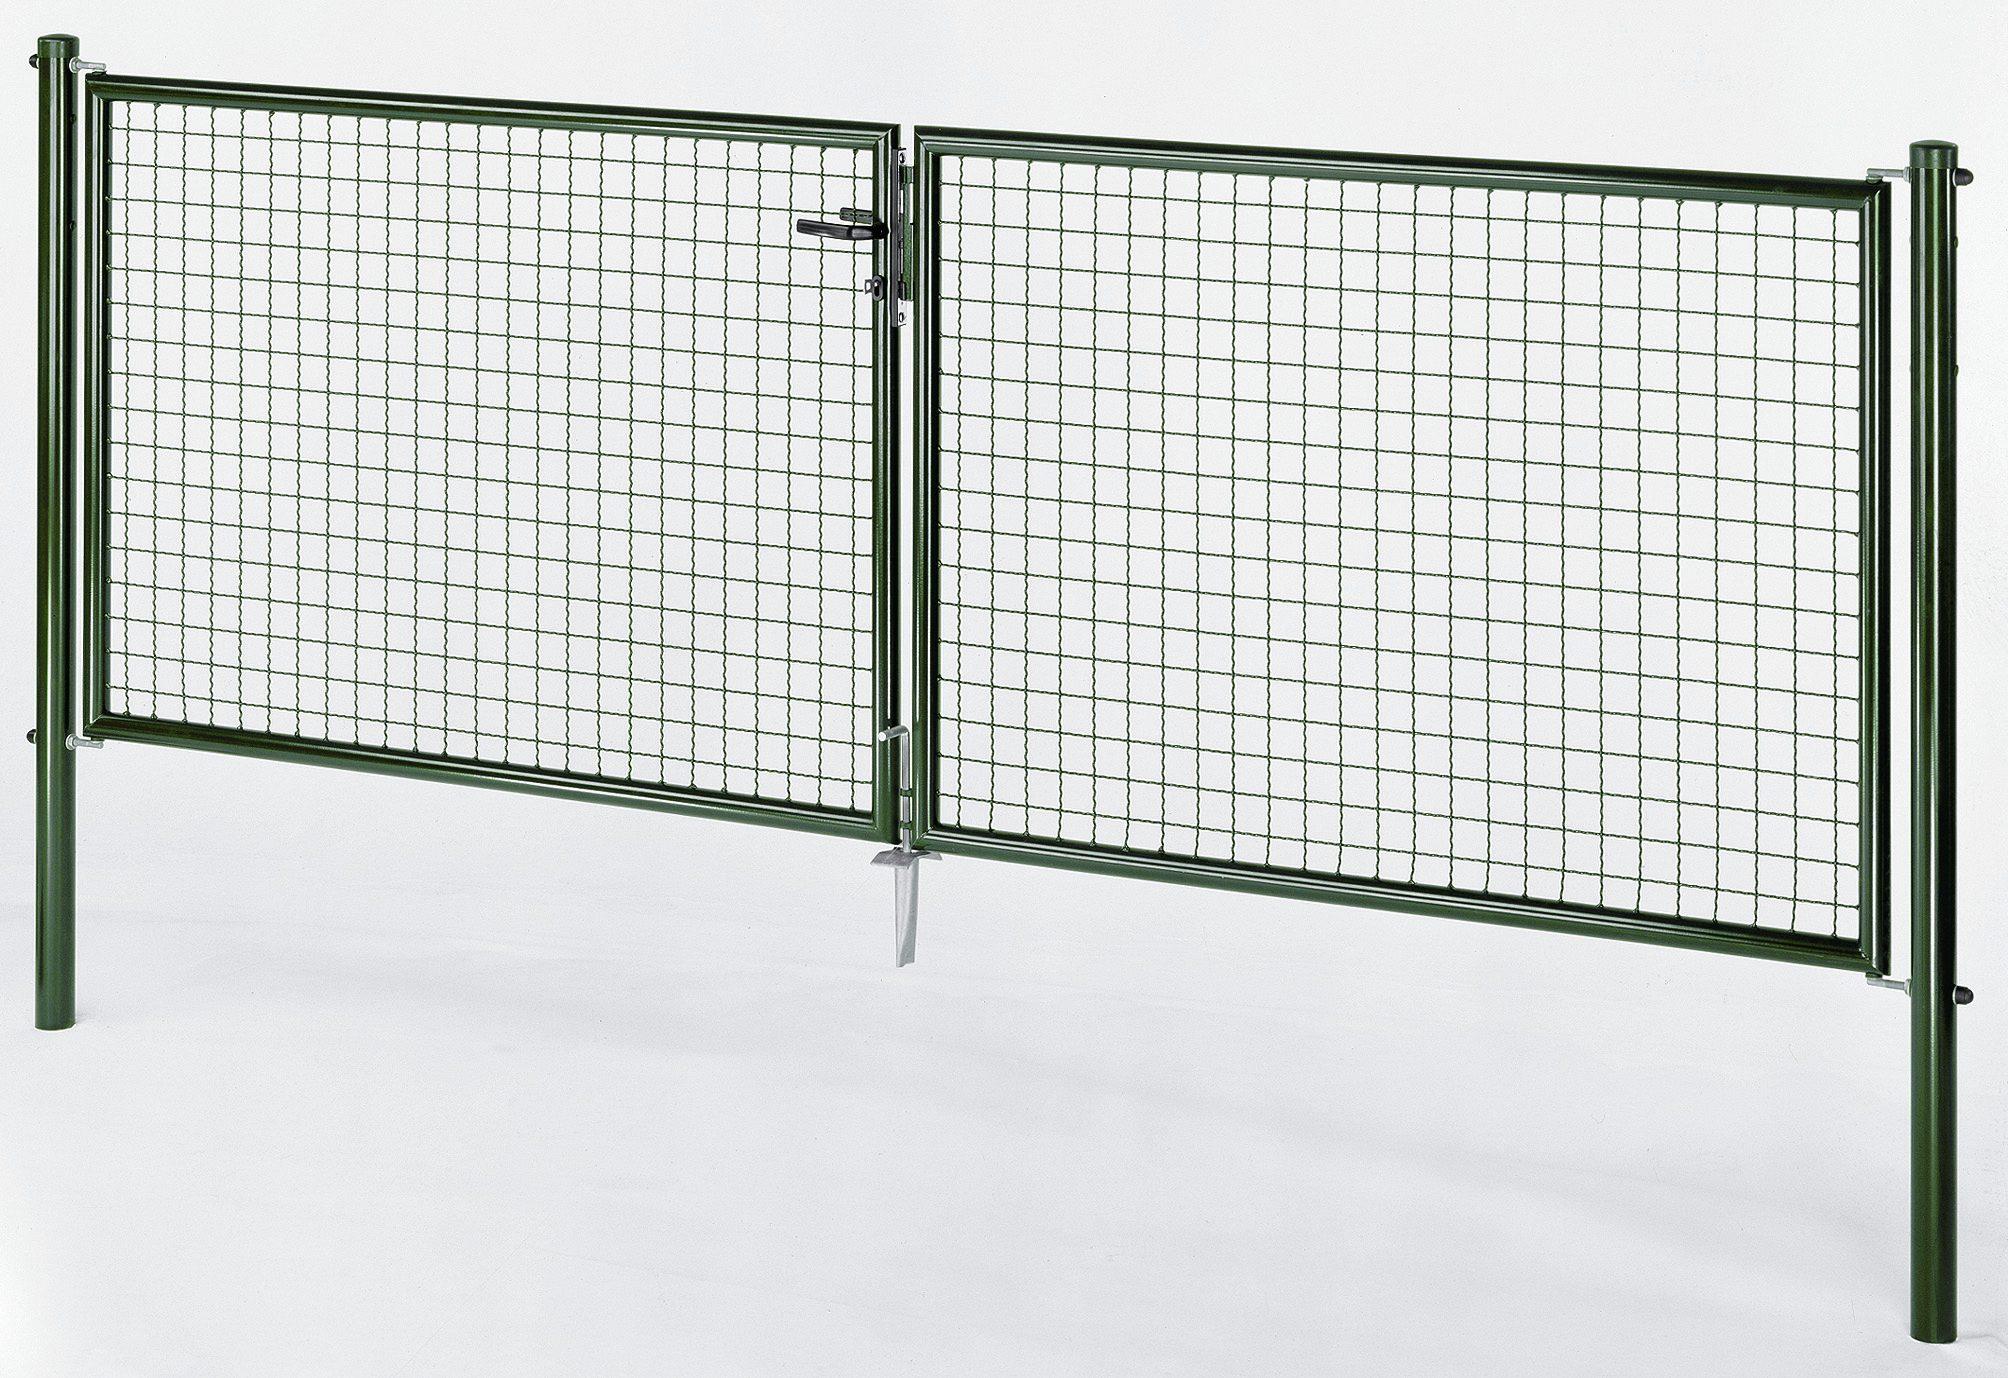 Autovärav roheline - laiusega 4 m - kõrgusega 1 m